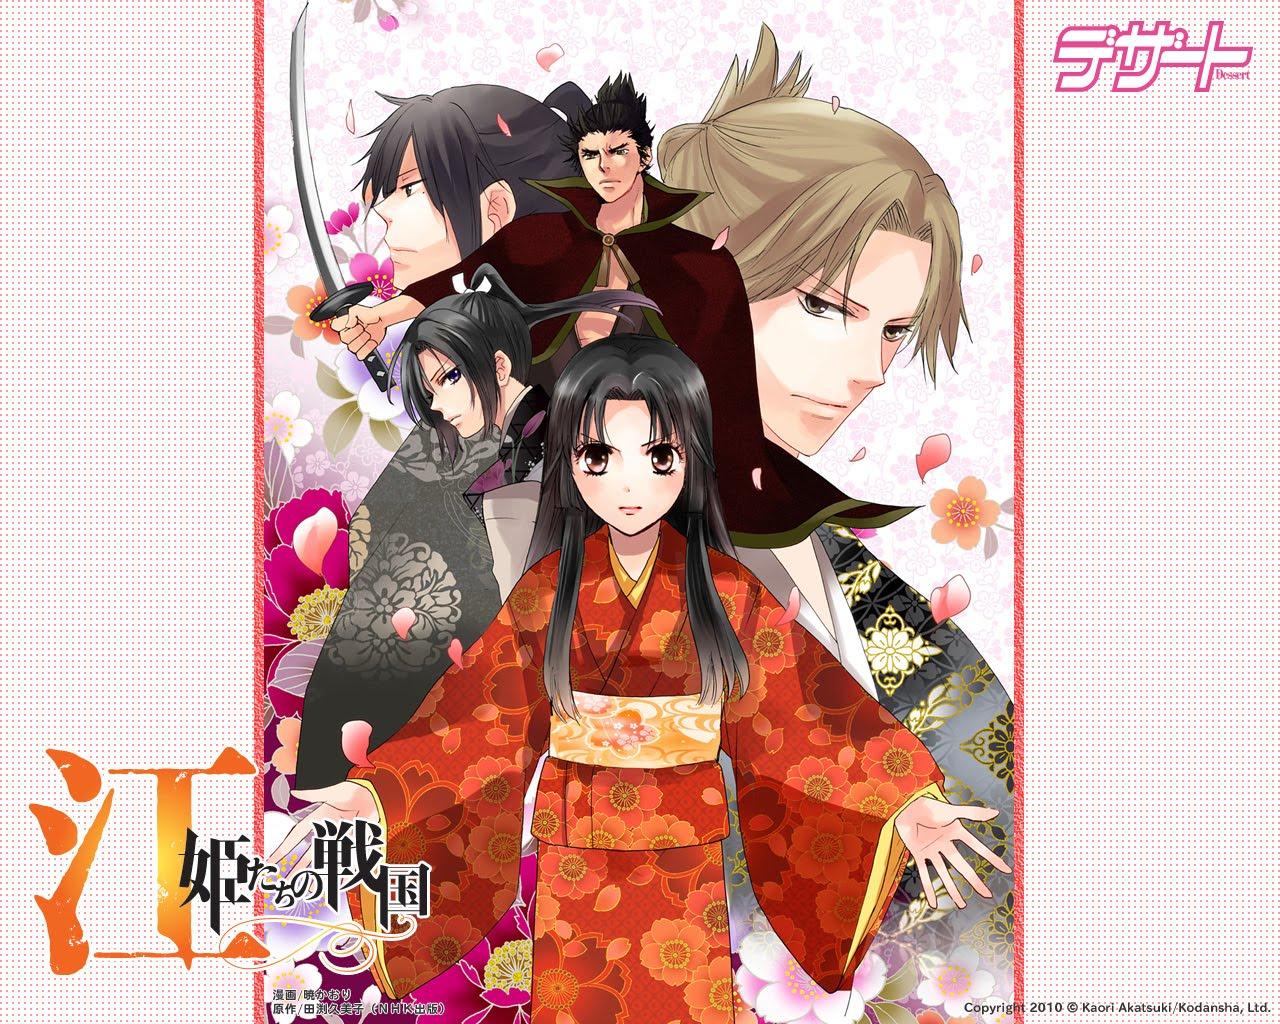 http://2.bp.blogspot.com/_in5YIFz6Dbw/TKstpxLJ4cI/AAAAAAAABS4/YSI3p8AtOOo/s1600/Ko+Himetachi+no+Sengoku.jpg